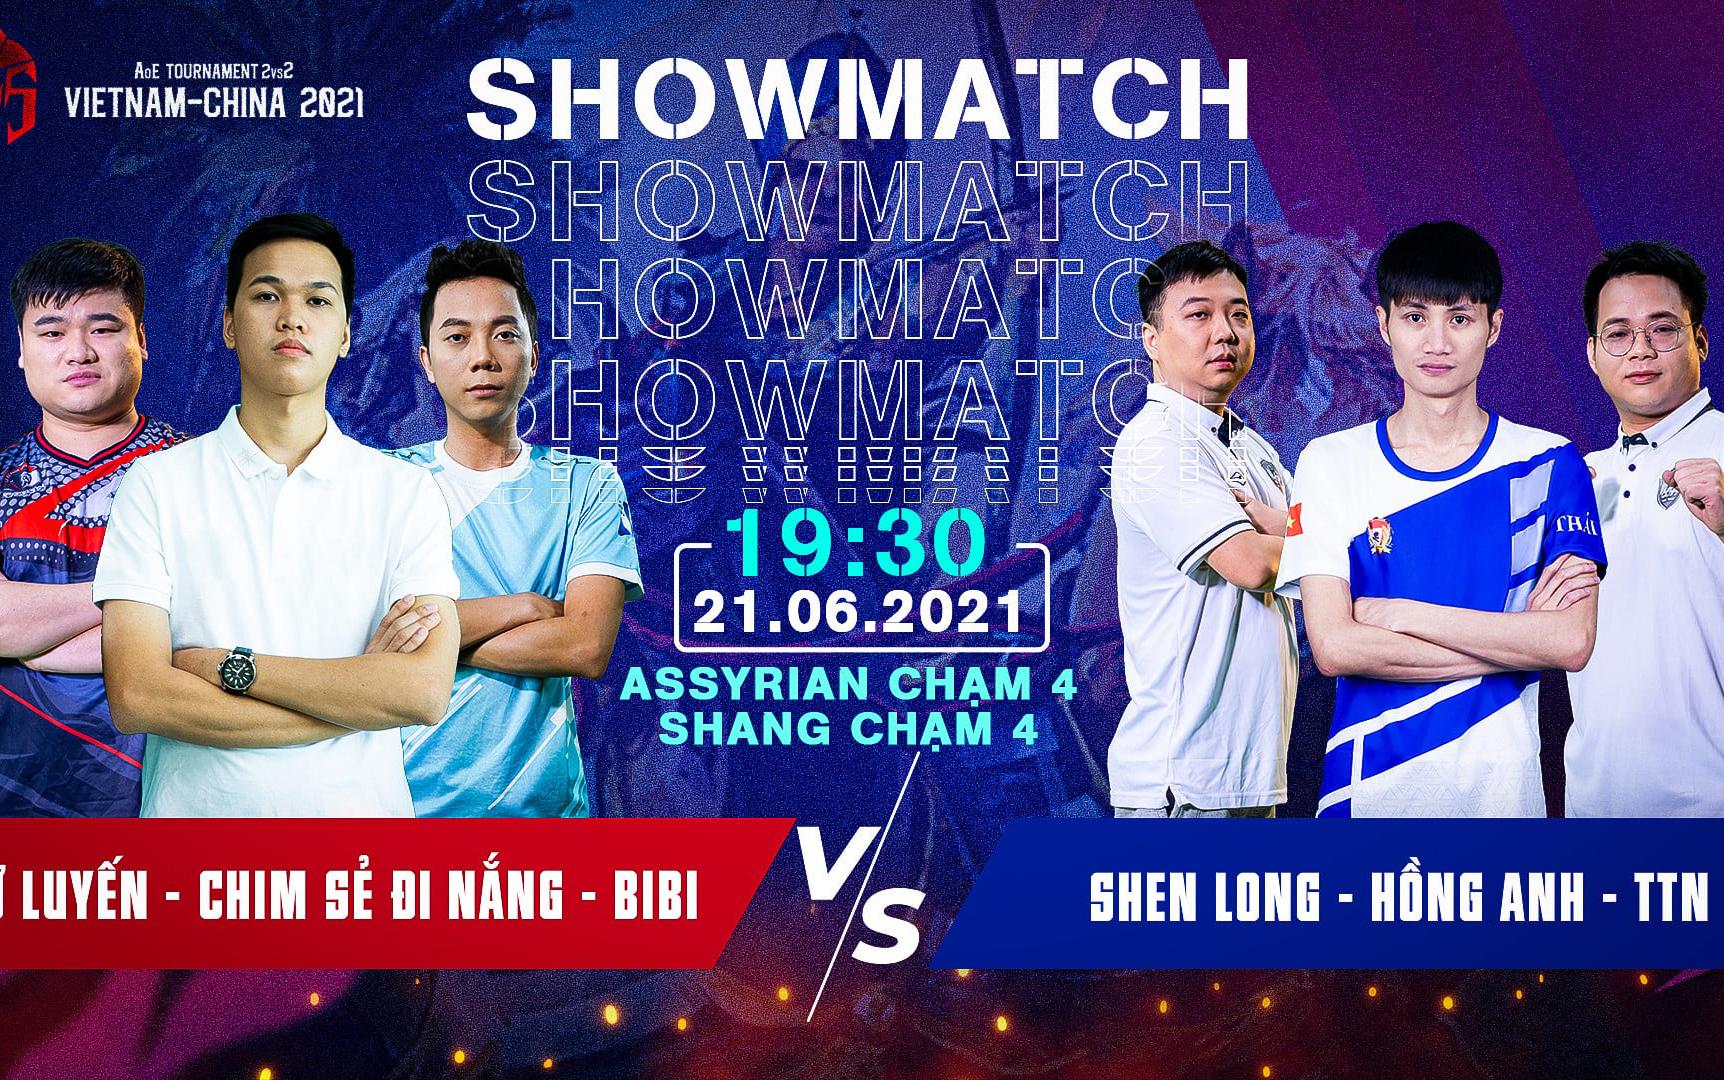 AOE Tournament 2vs2 Vietnam - China 2021: Bảng A vạn sự khởi đầu nan